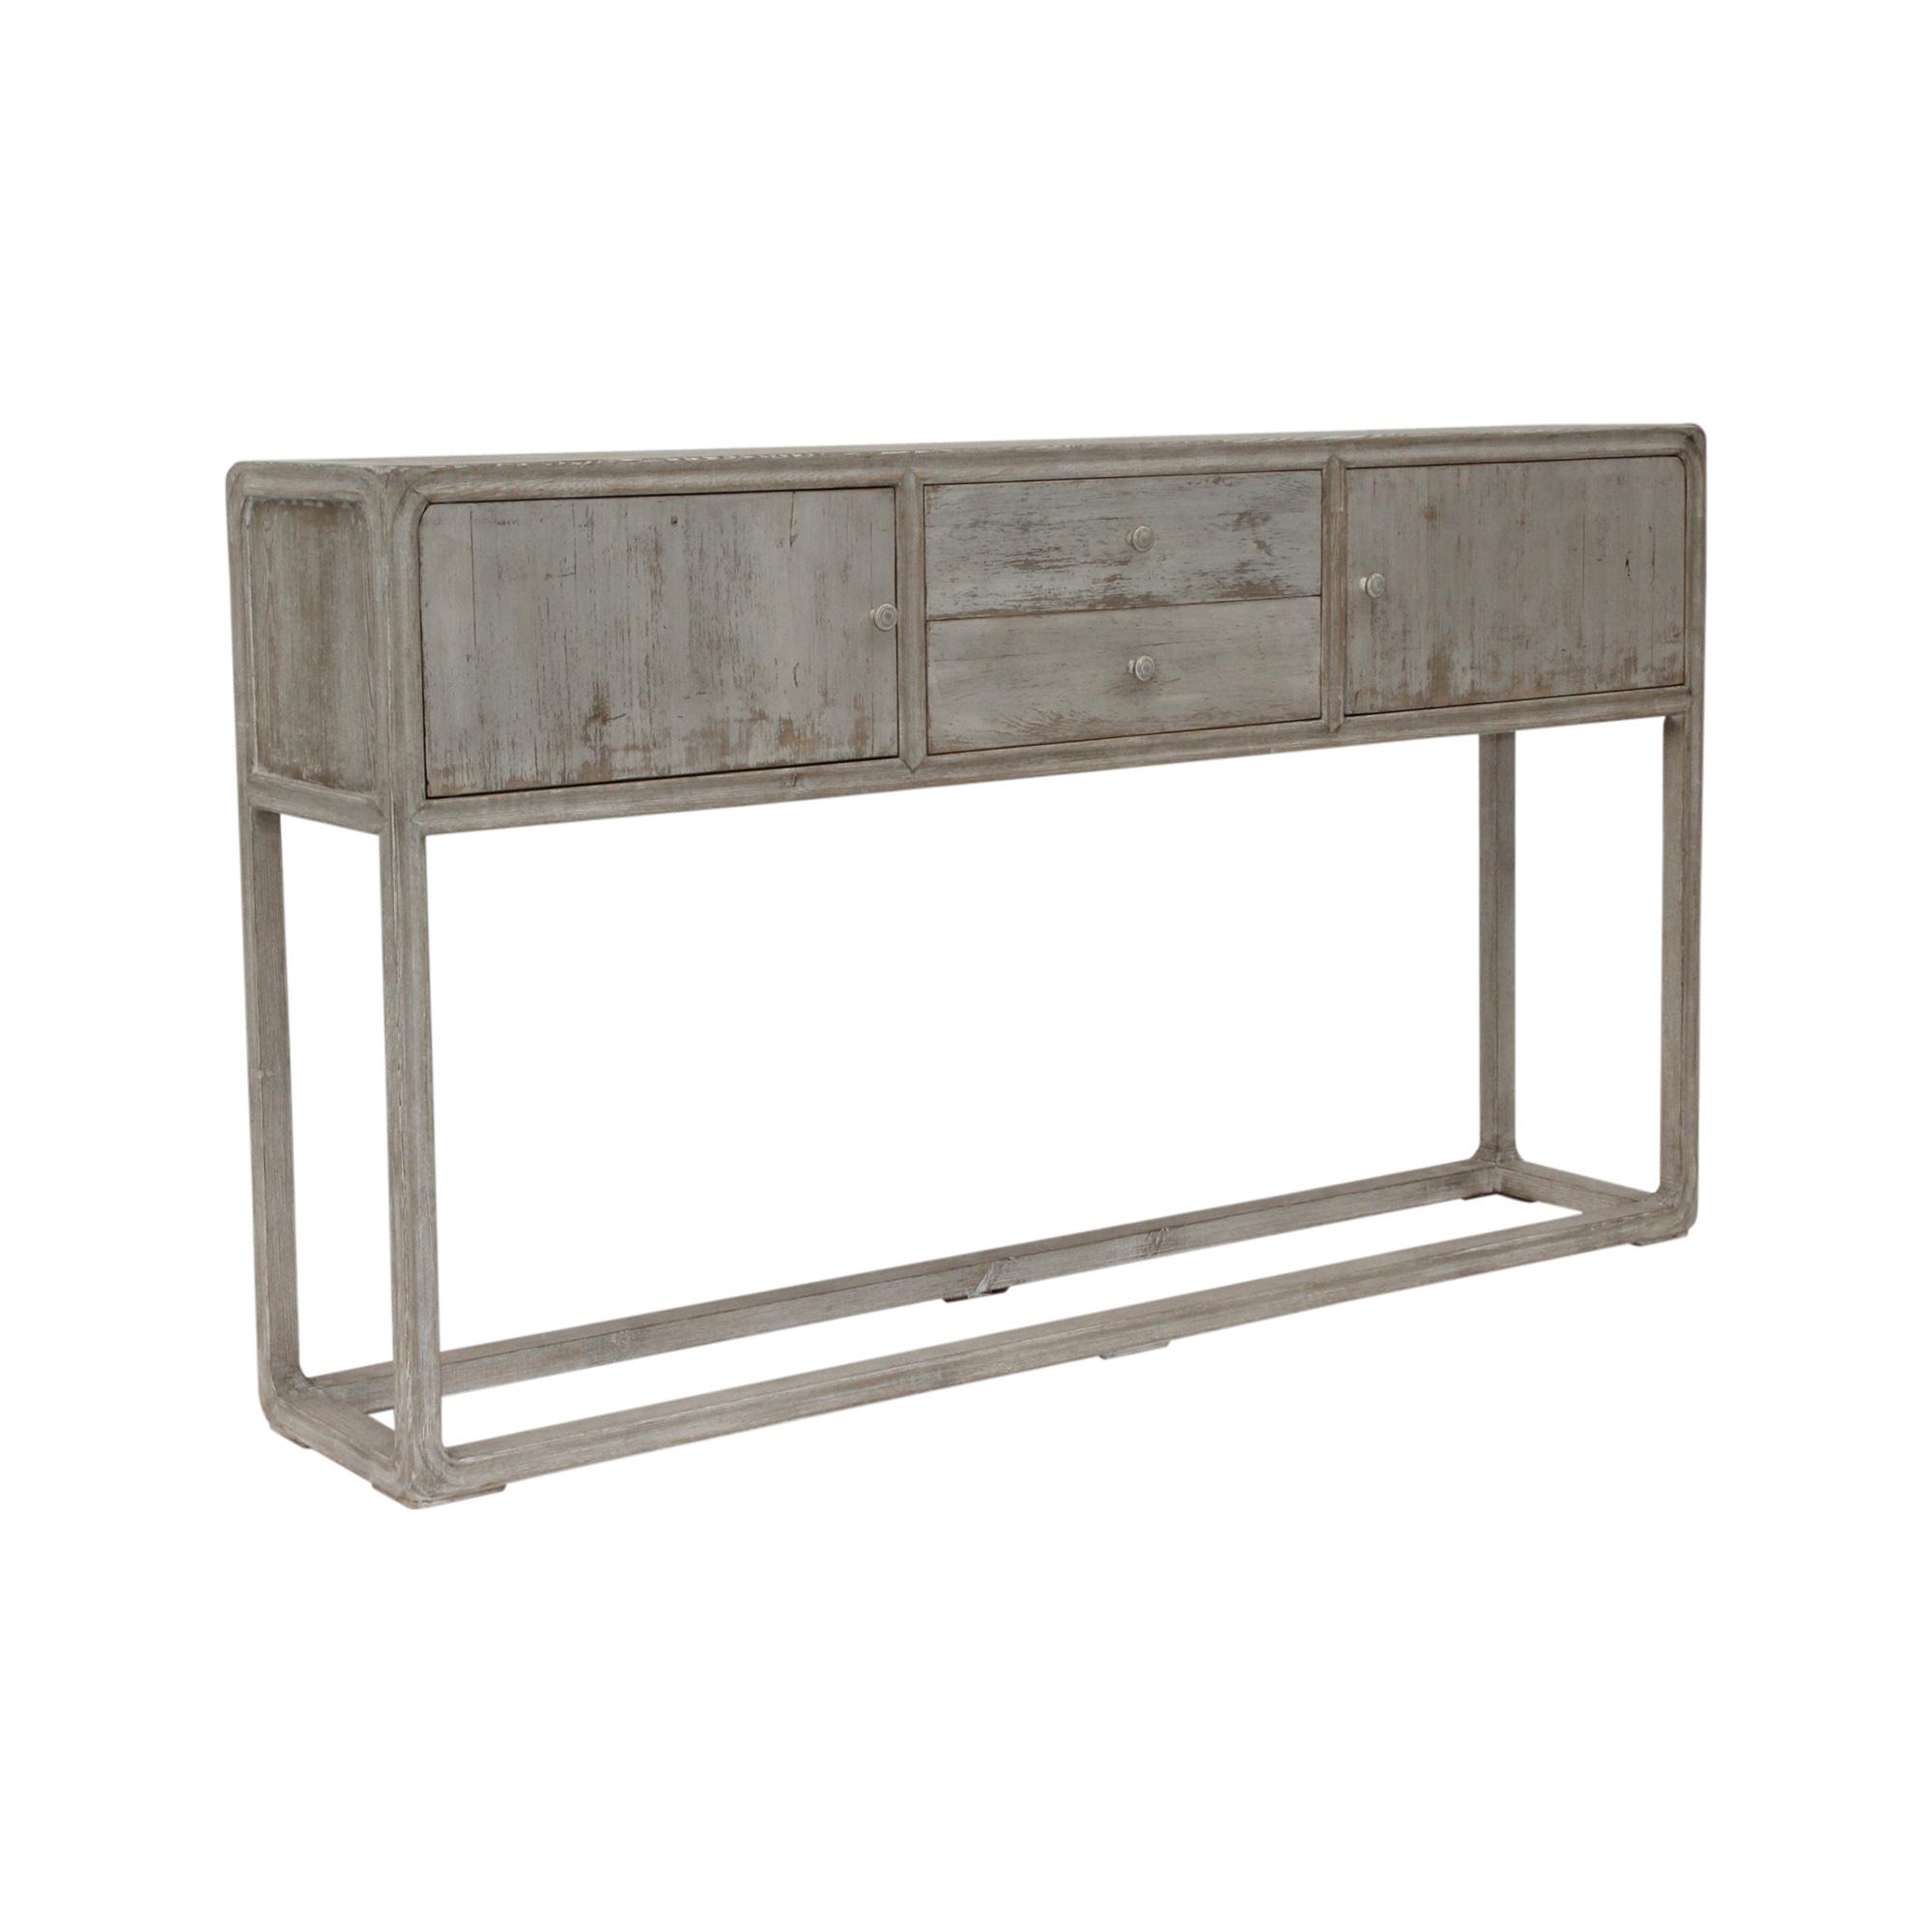 Peking Console-$2,498.00